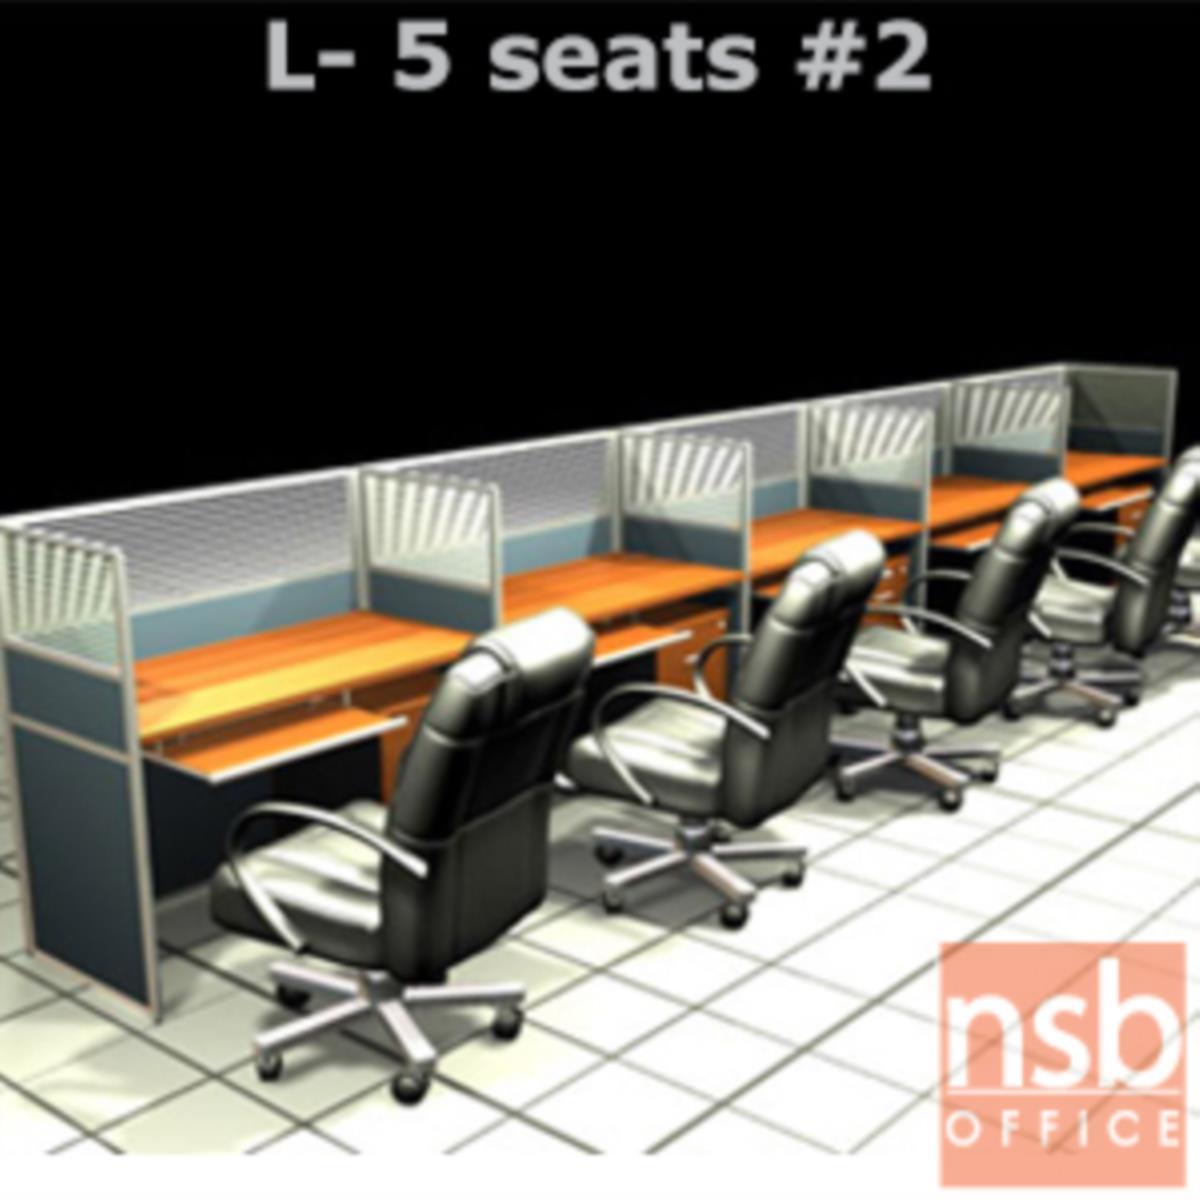 A04A088:ชุดโต๊ะทำงานกลุ่ม 5 ที่นั่ง   ขนาดรวม 612W*62D cm. พร้อมพาร์ทิชั่นครึ่งกระจกขัดลาย